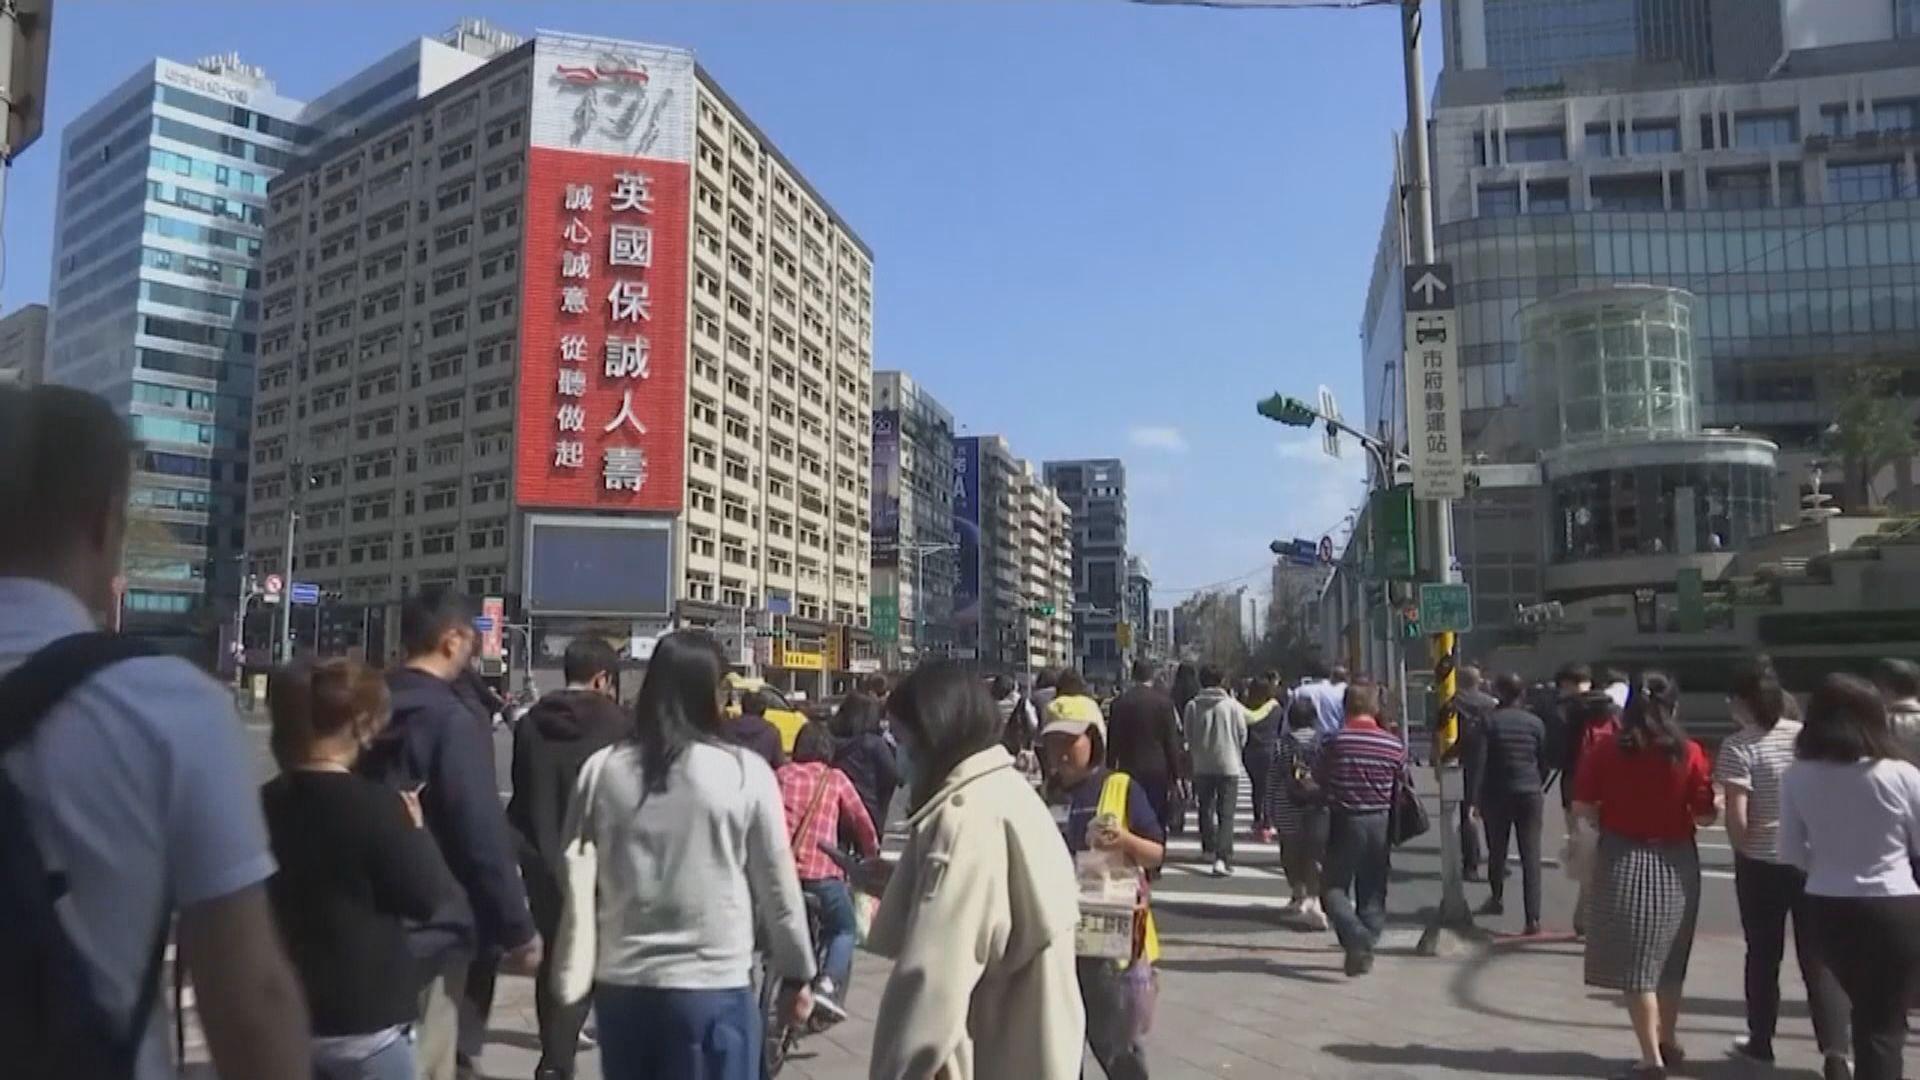 台灣疫情嚴重 或於近日提升警戒級別至第三級